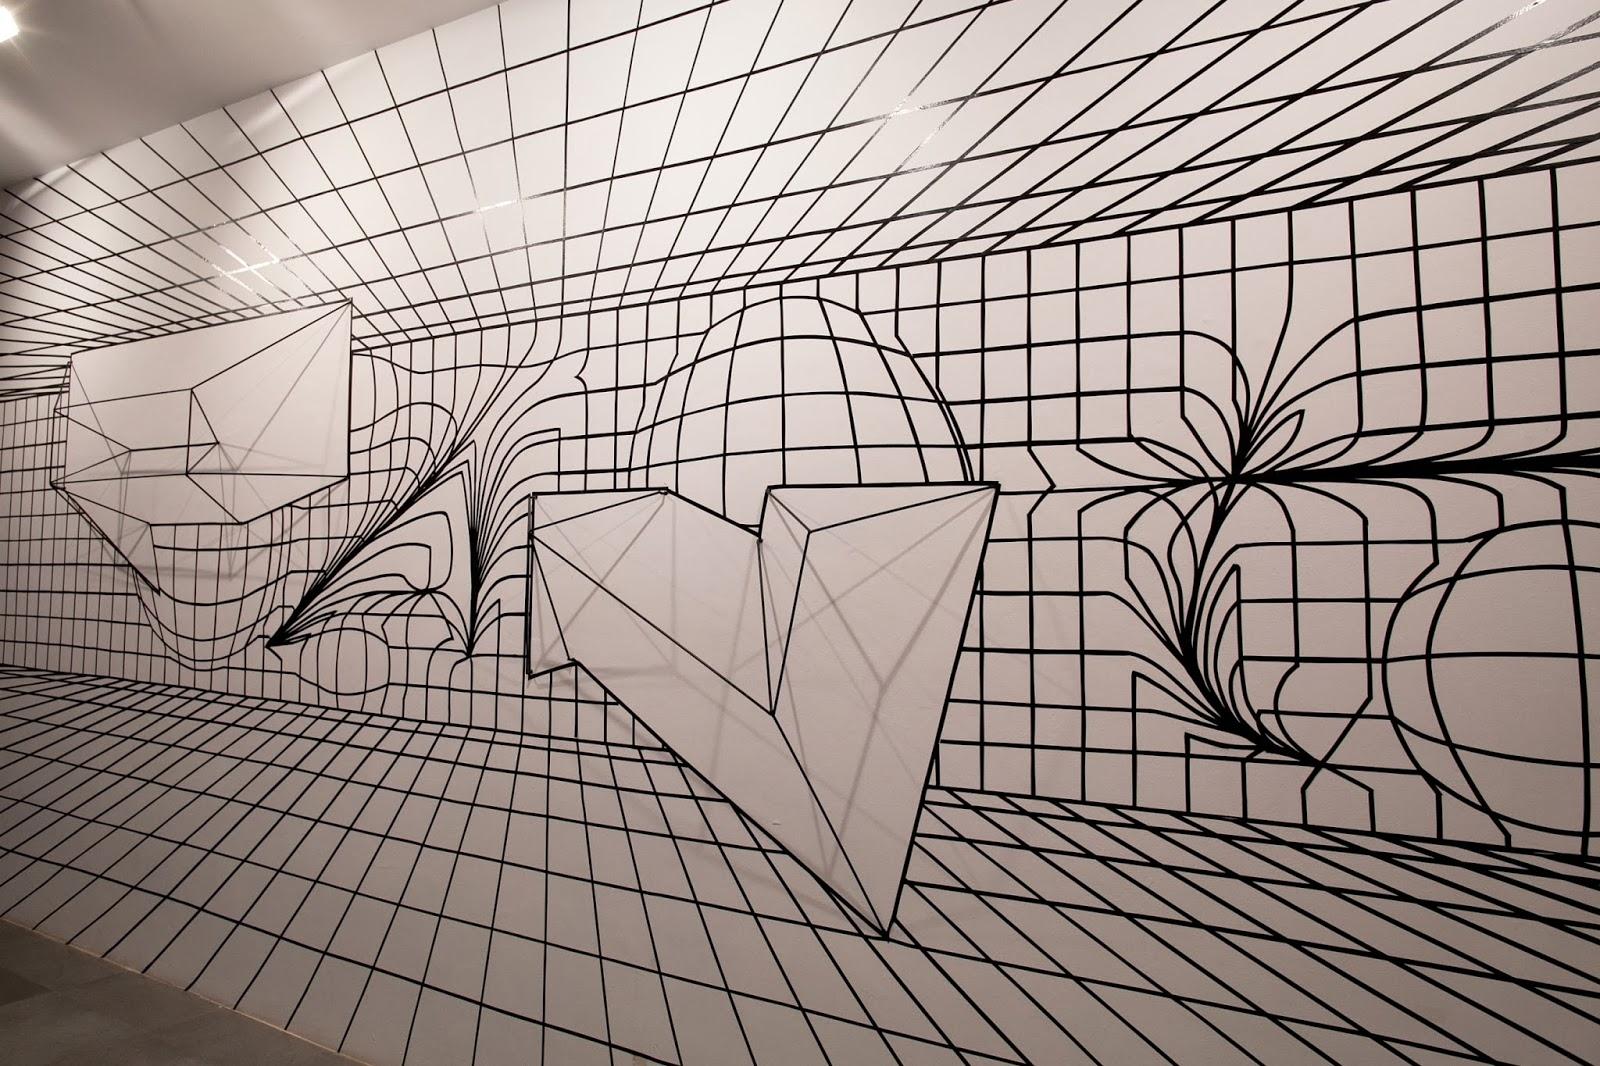 felipe-pantone-and-demsky-ultradinamica-at-galeria-mr-pink-11